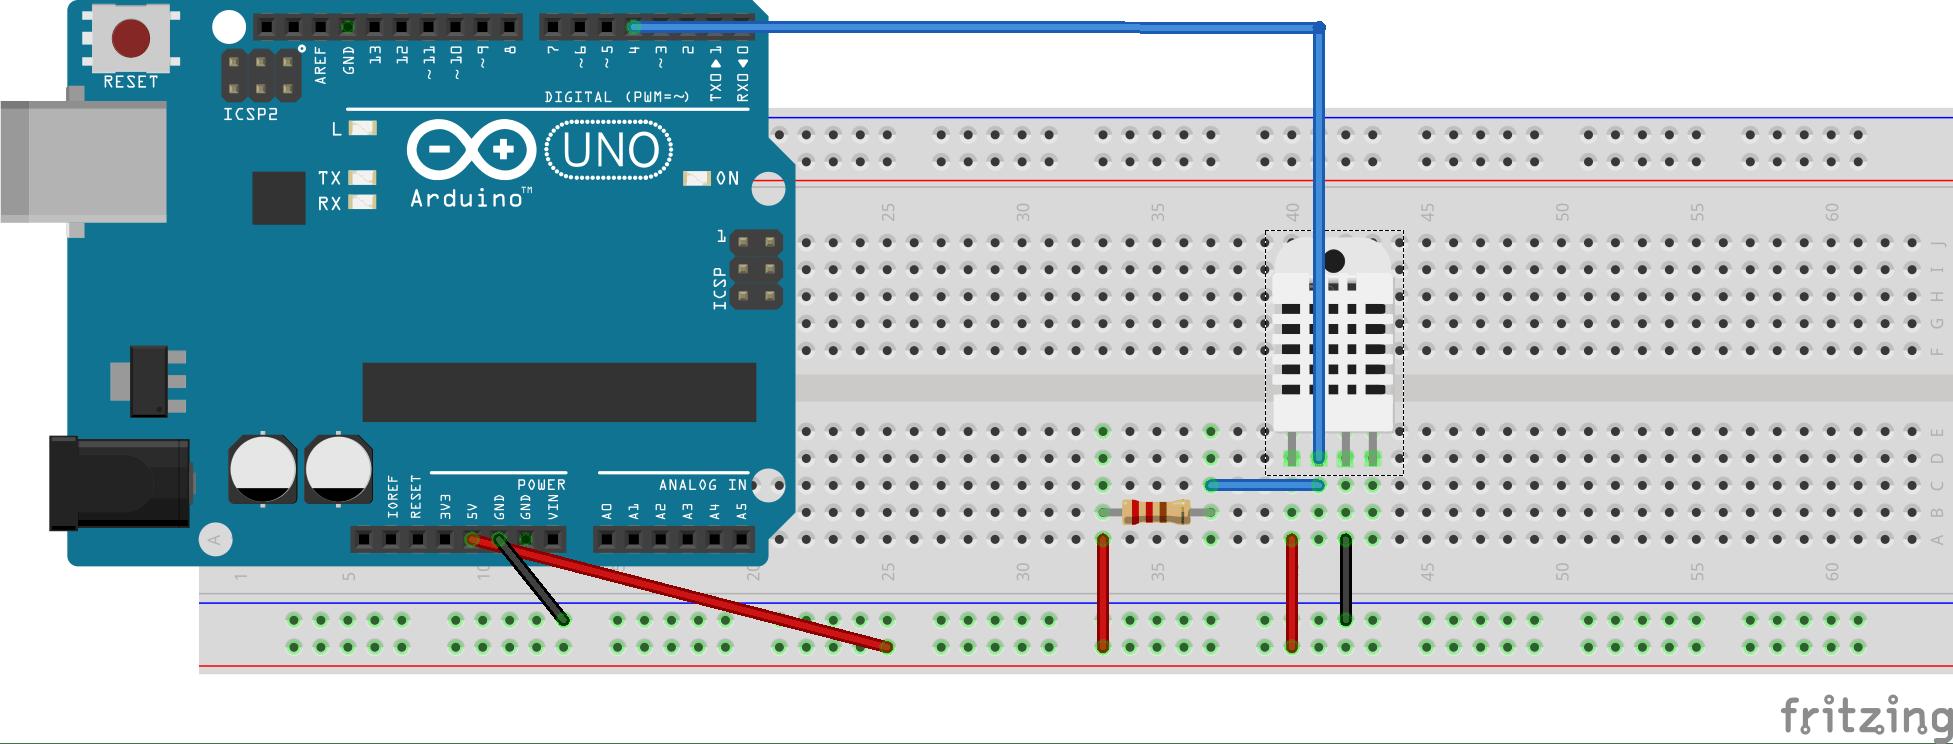 Misurare temperatura e umidità con arduino-schema collegamento